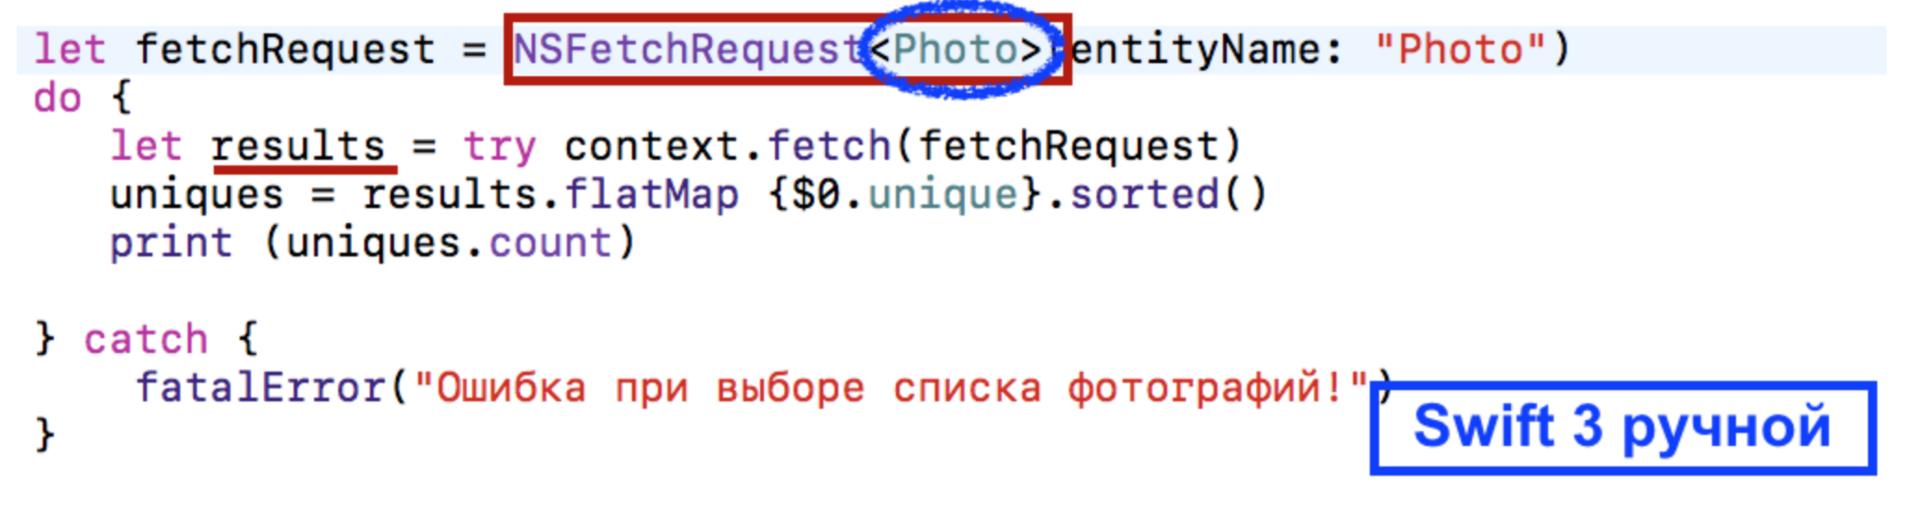 Переходим на Swift 3 с помощью миграционного «робота» в Xcode 8.1 и 8.2 - 41